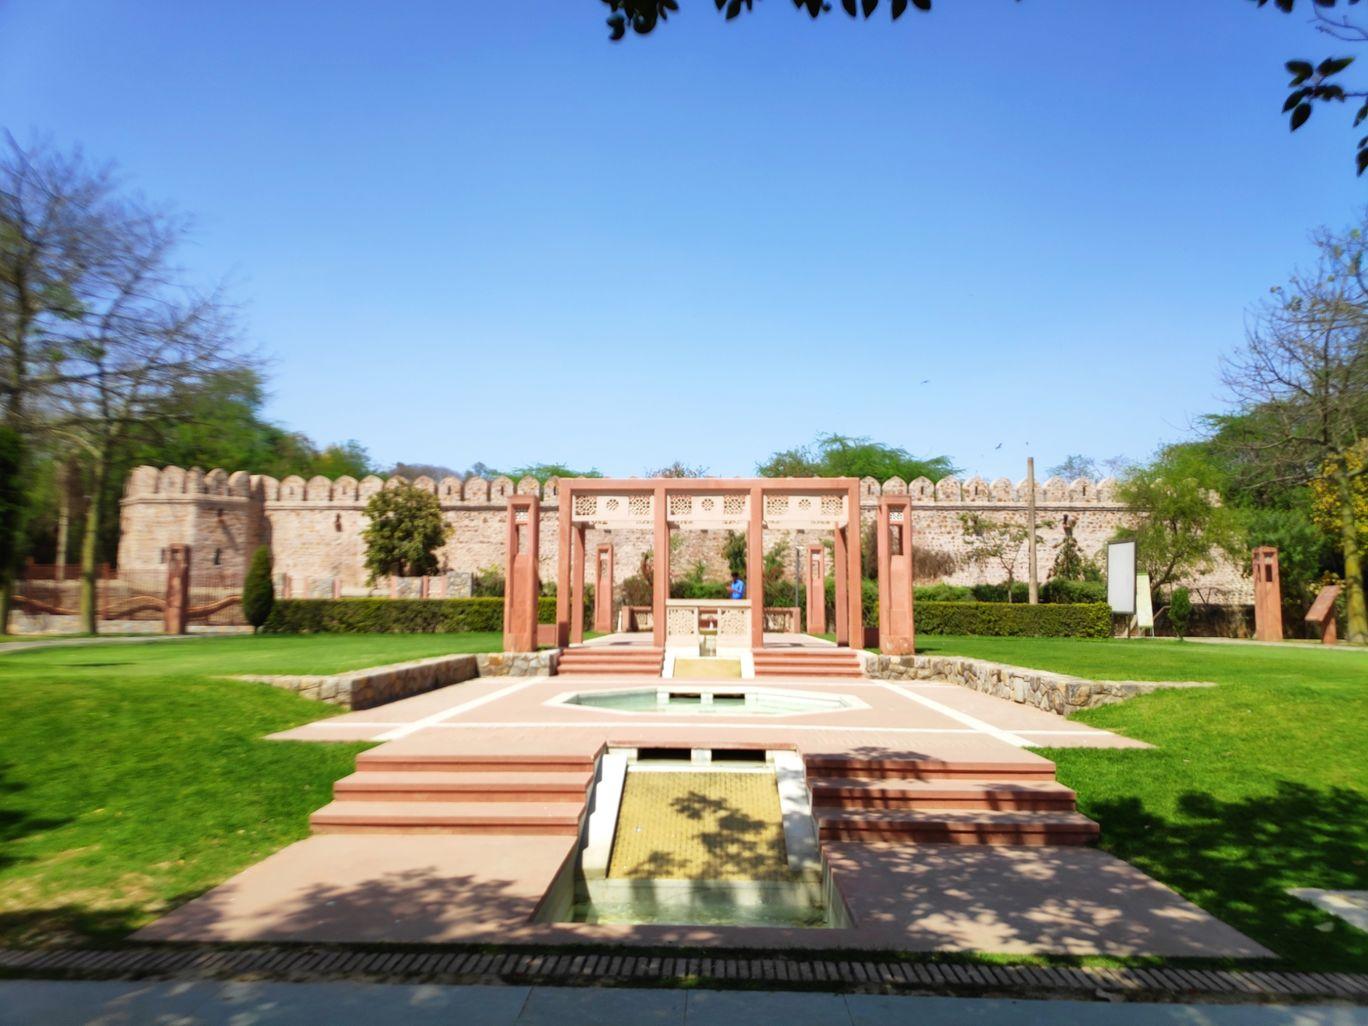 Photo of New Delhi By Sphurti Rawat